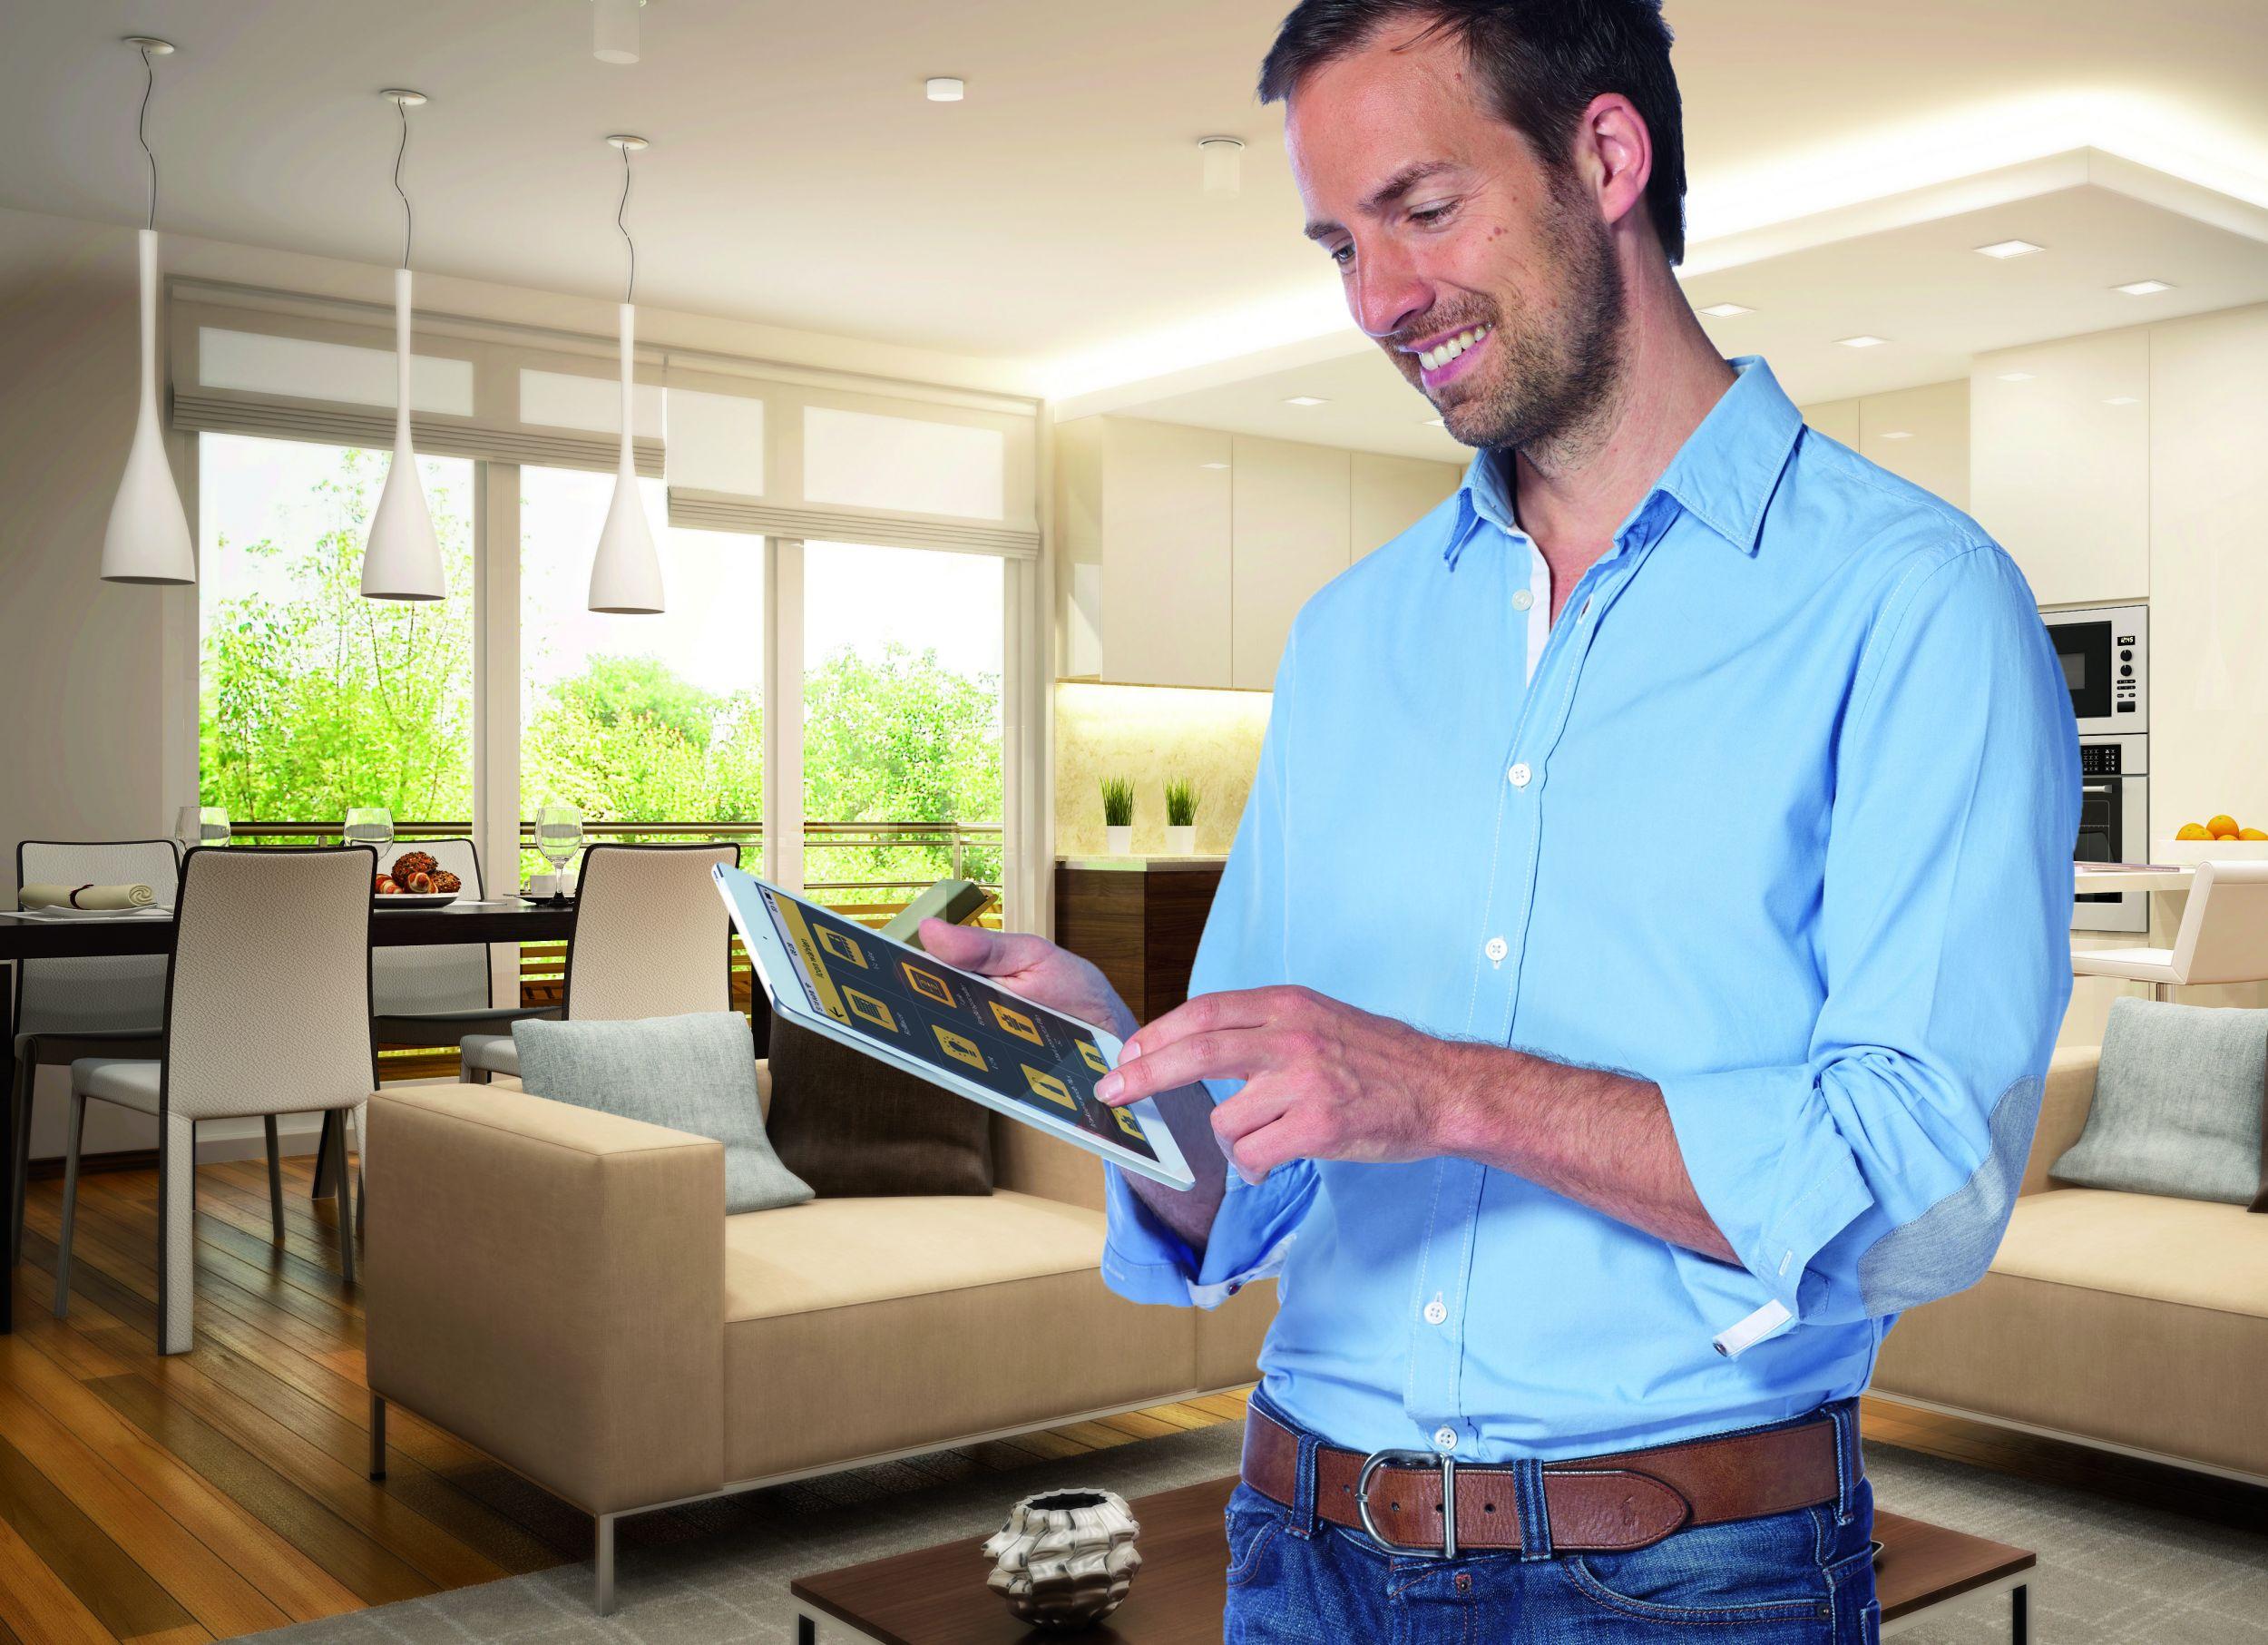 licht per app und fernbedienung steuern geb udedigital. Black Bedroom Furniture Sets. Home Design Ideas